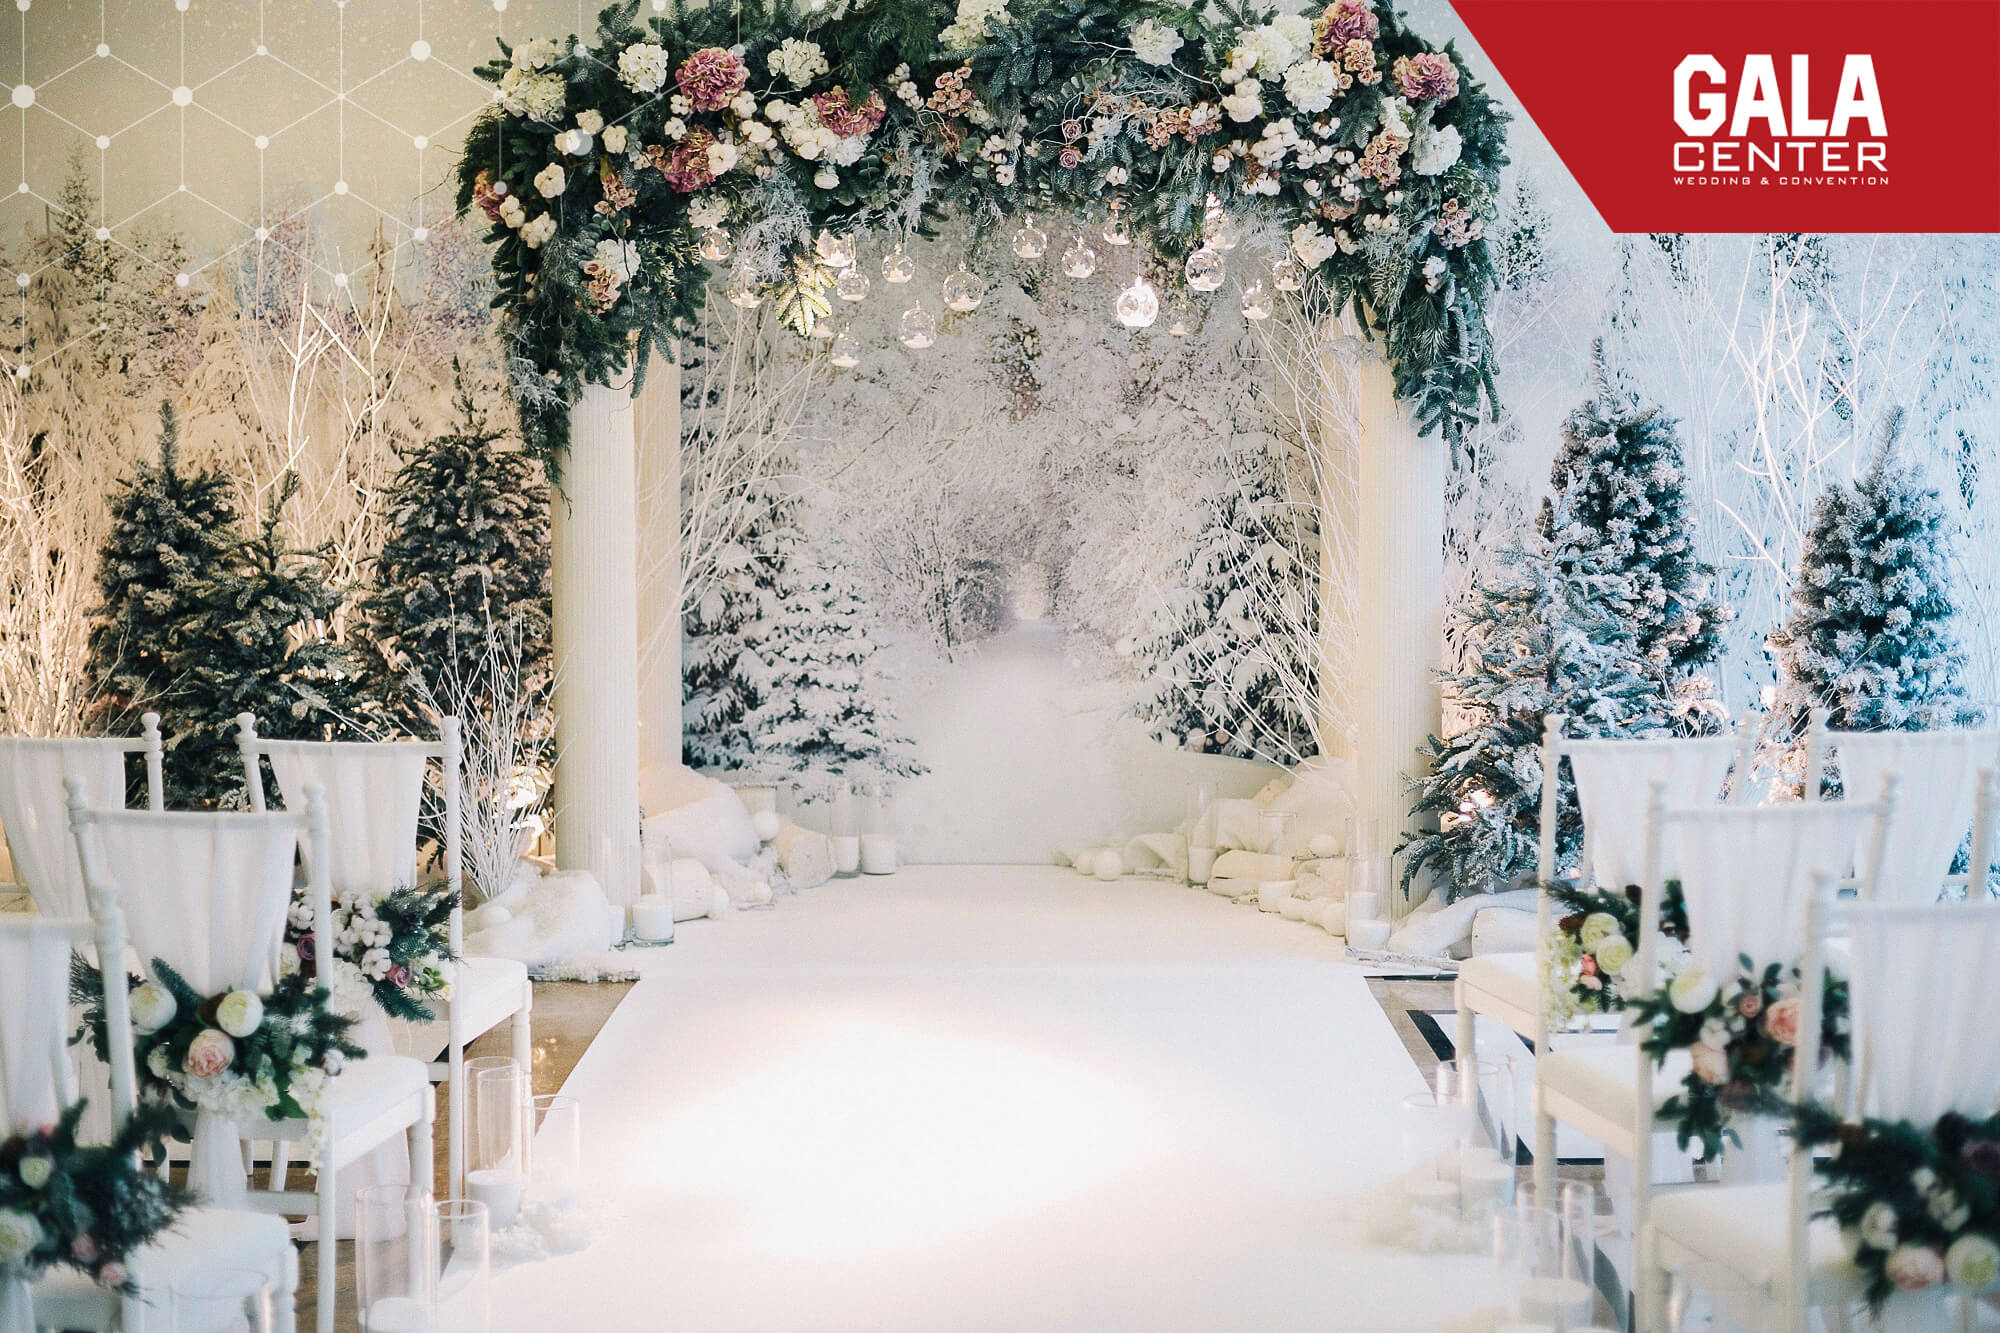 Trang trí tiệc cưới theo mùa trong năm